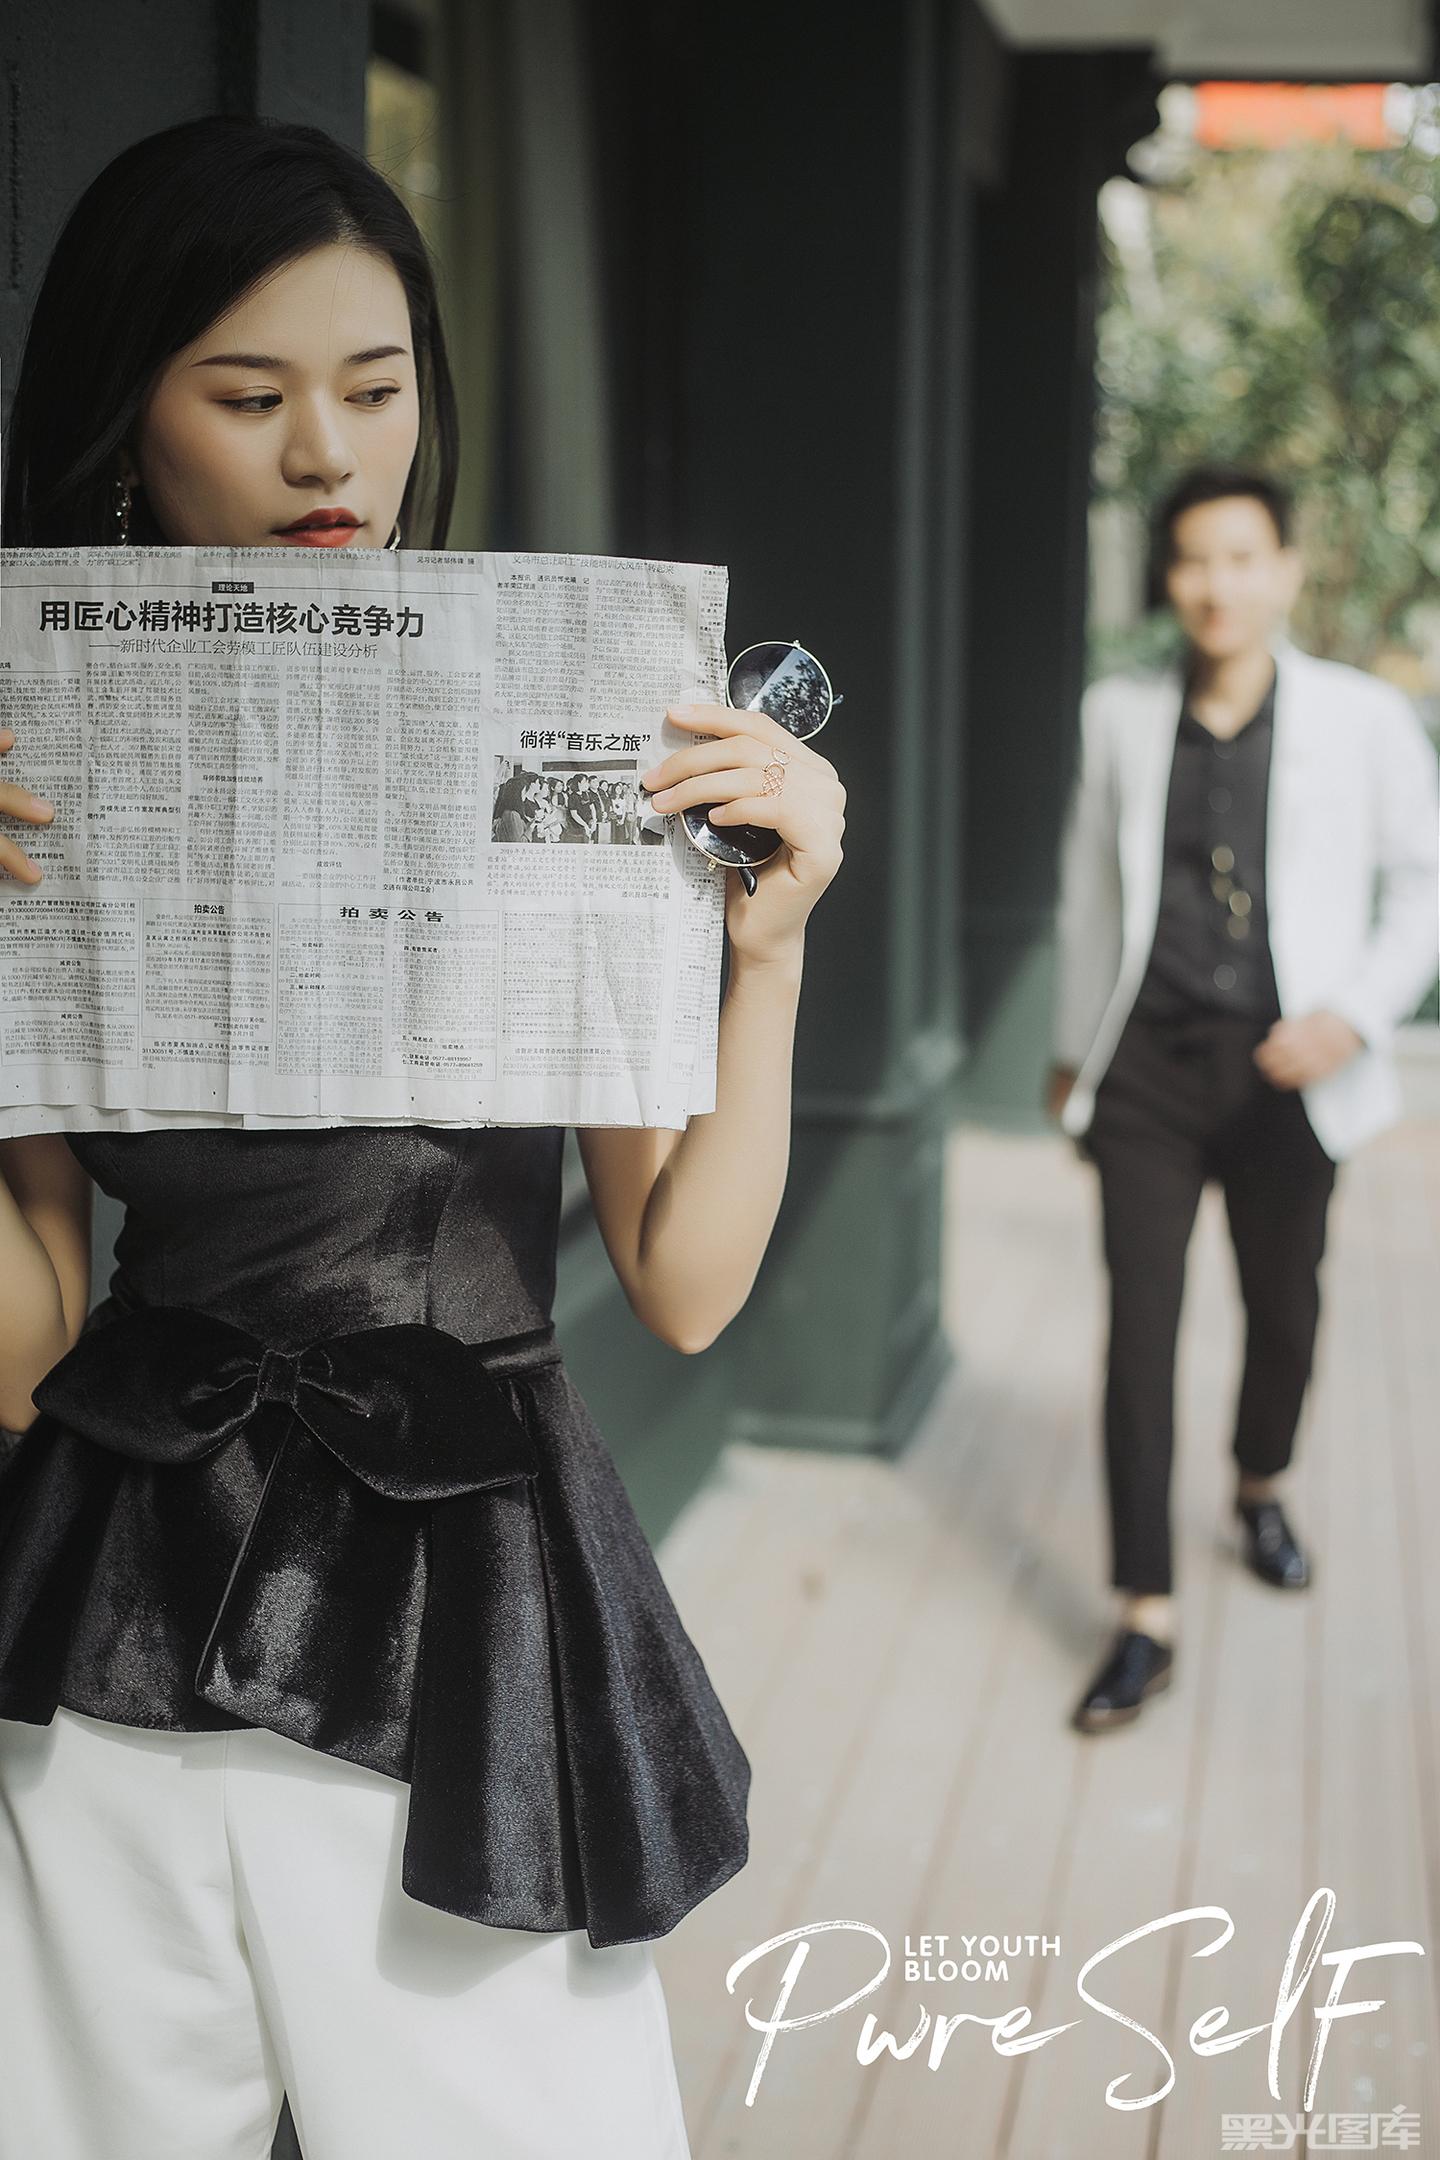 摄影师周将的婚纱摄影作品《客片》